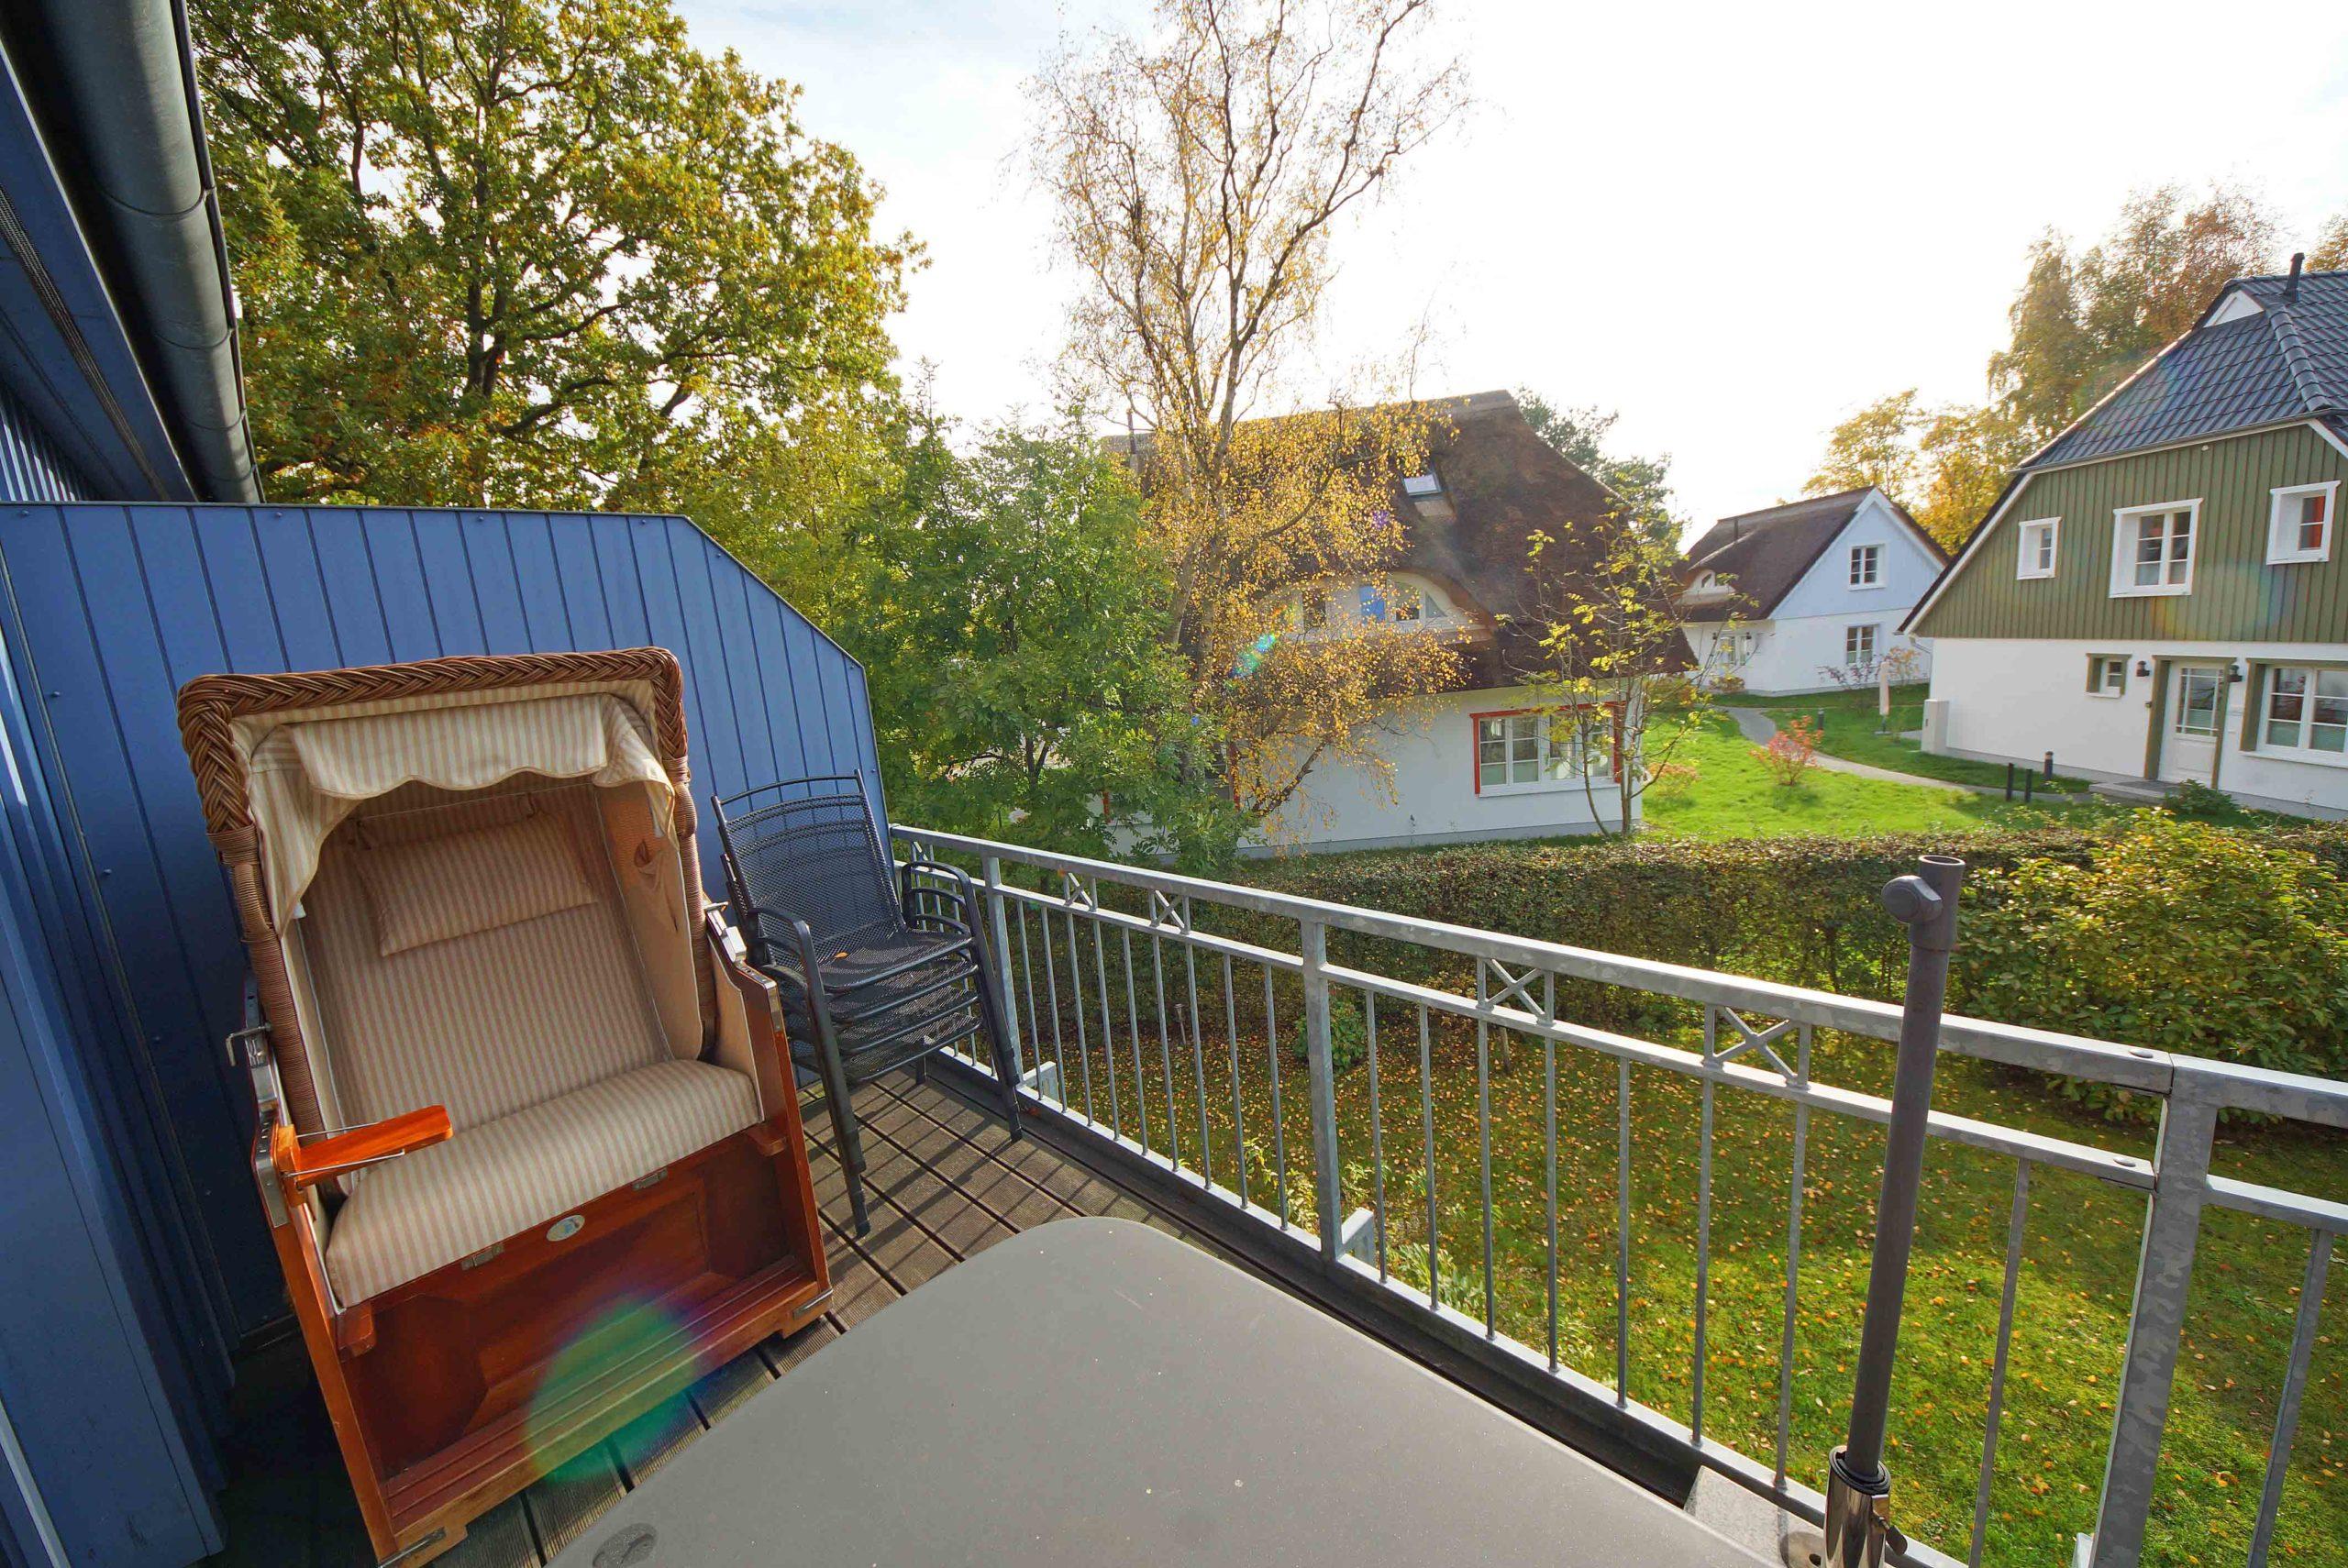 Prerow Ferienwohnung Sturmmöwe OG - Ferienservice Prerow, Mühlenstraße 4 C 18375 Ostseebad Prerow